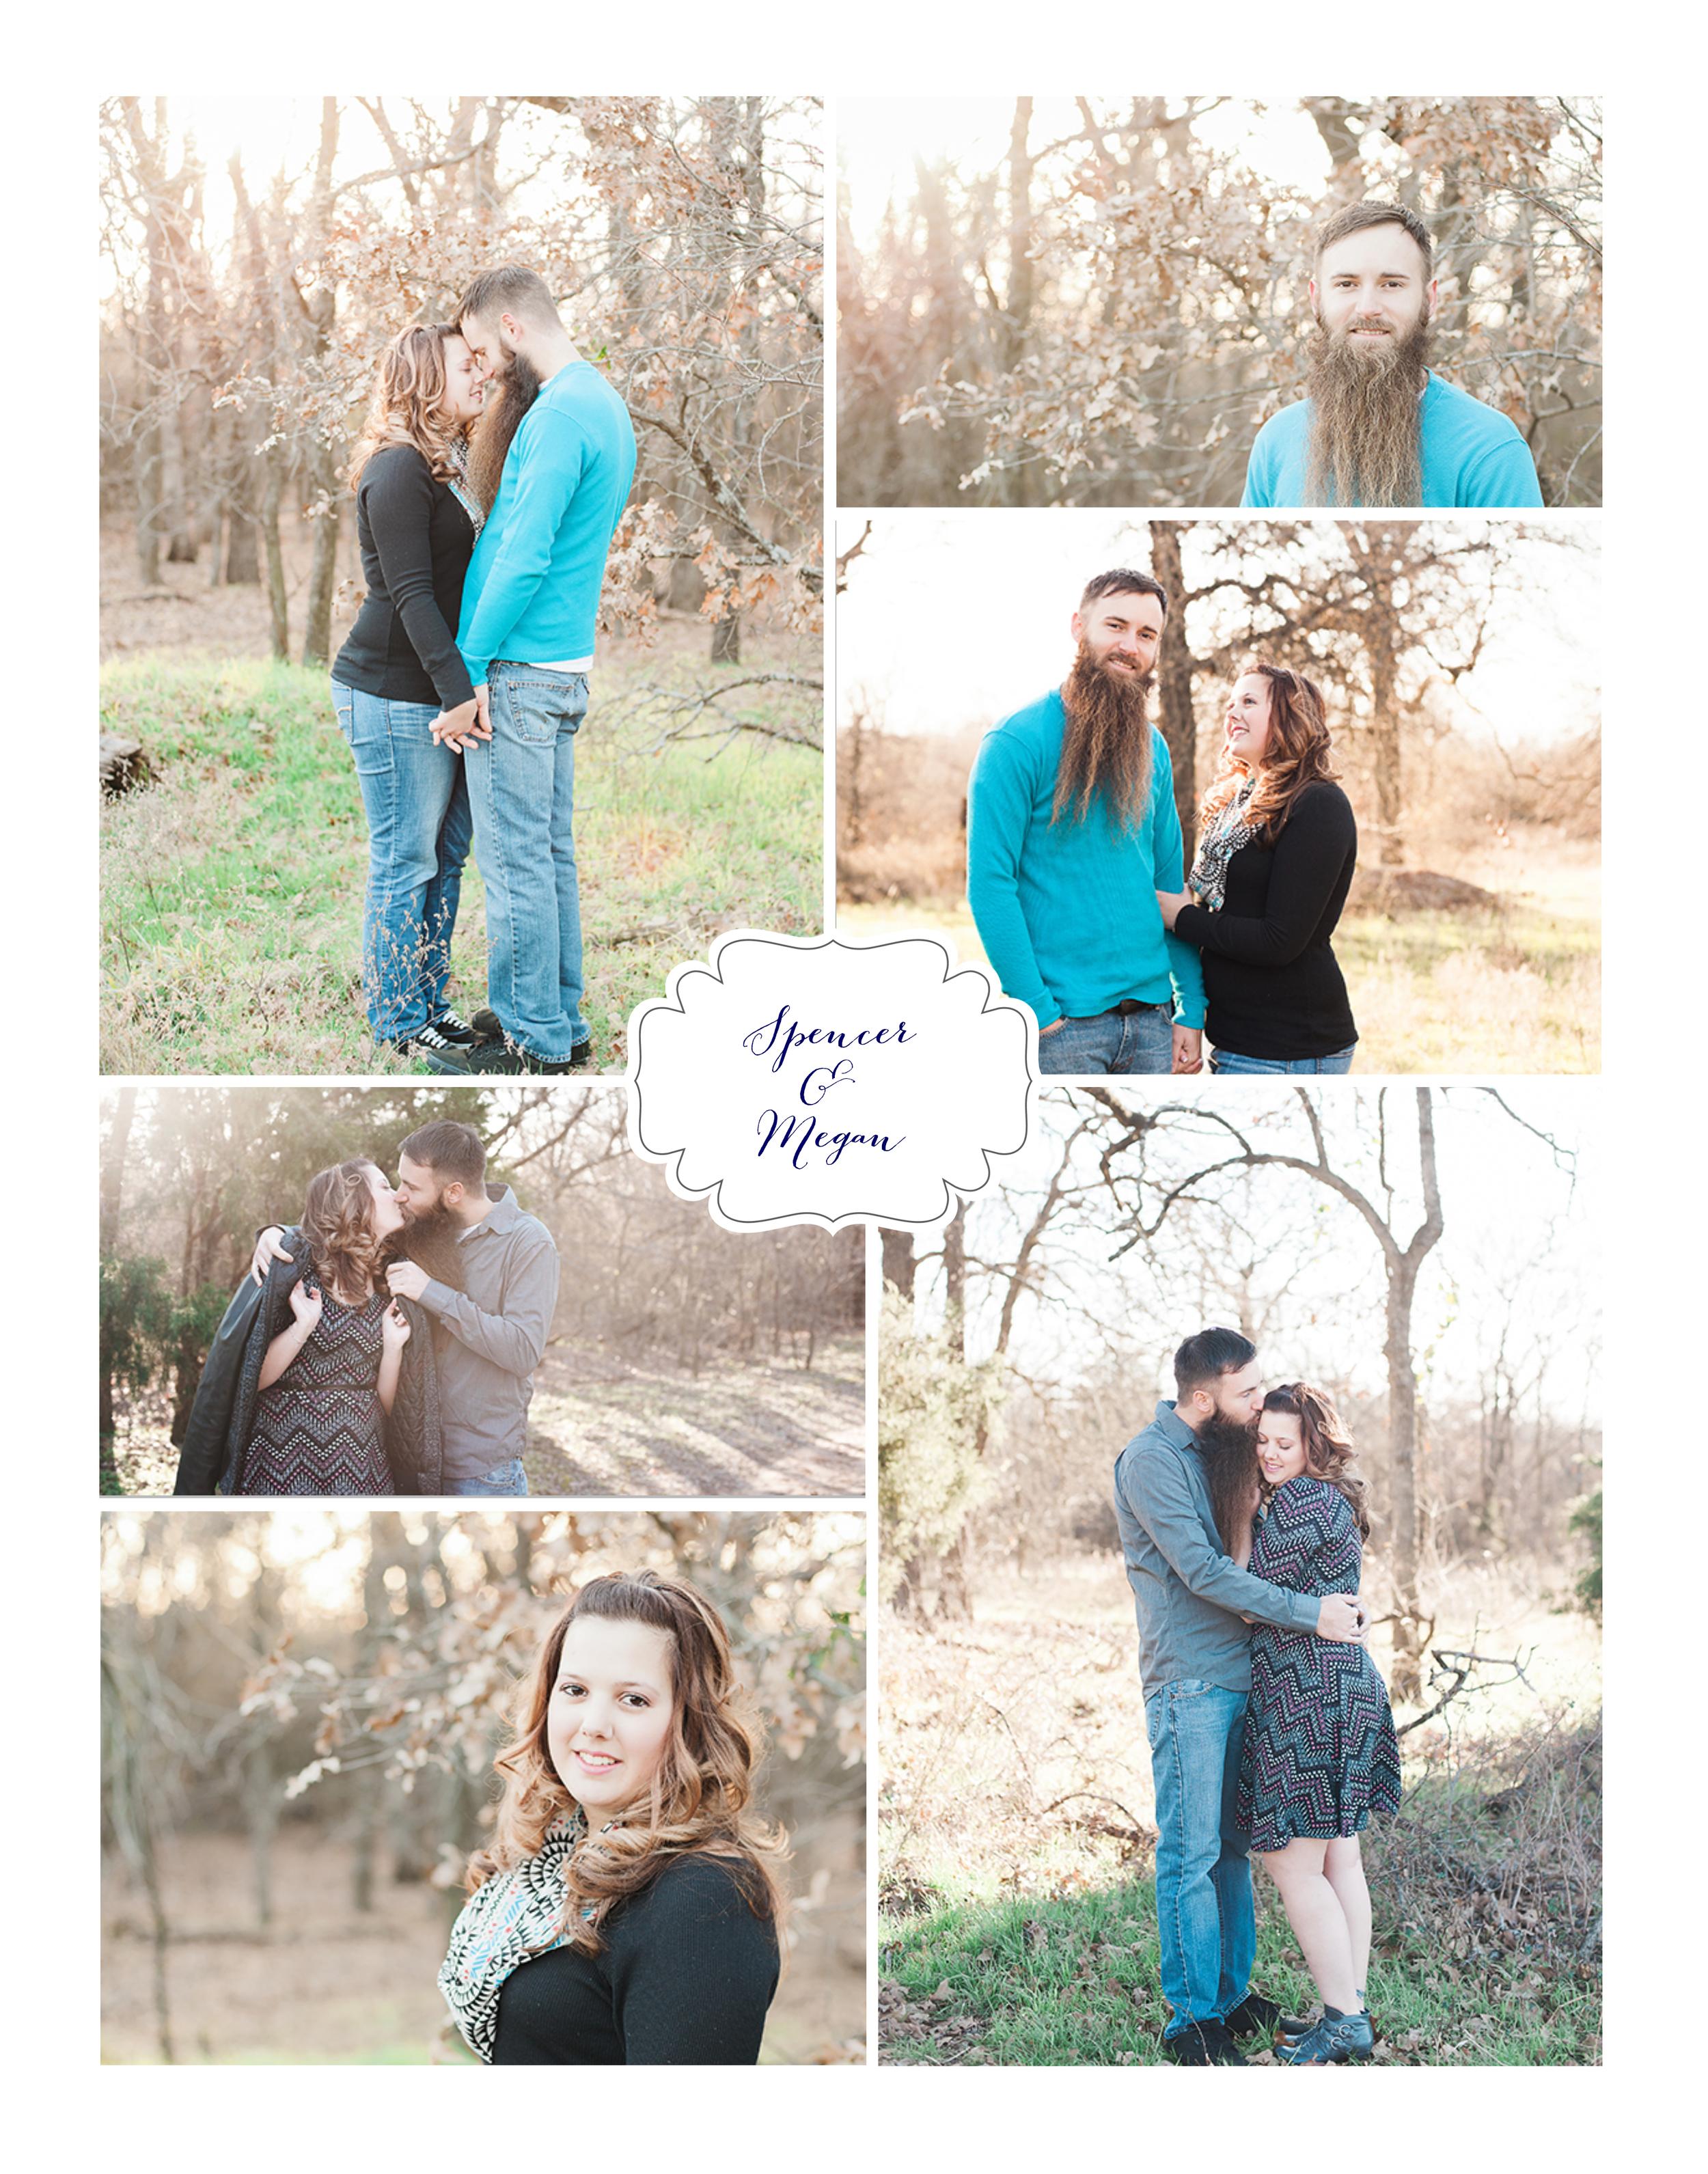 Spencer&Megan's Engagement